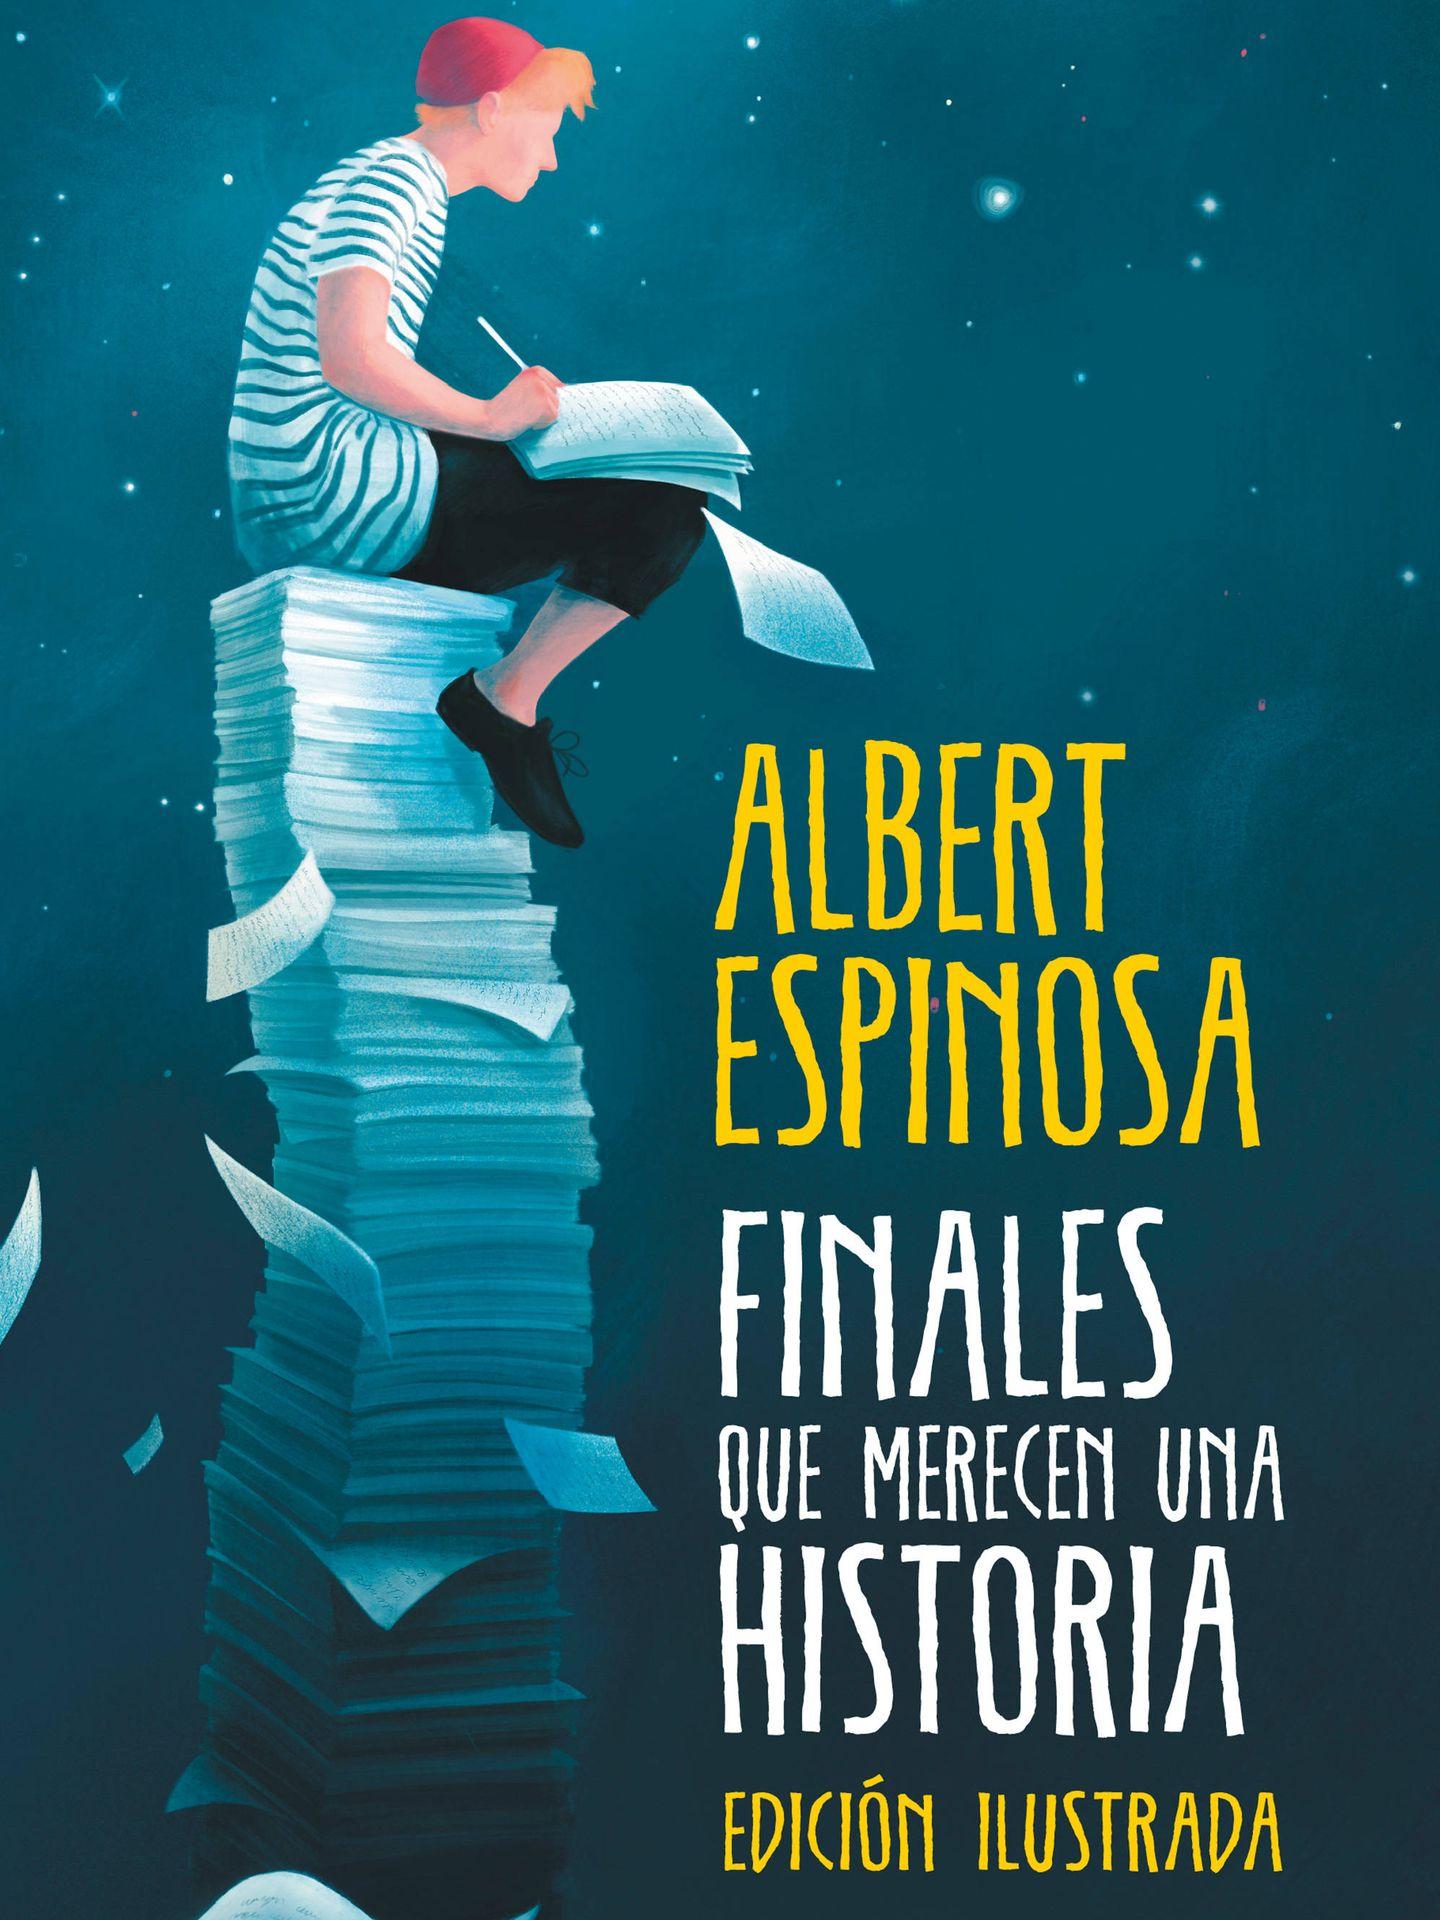 'Finales que merecen una historia'